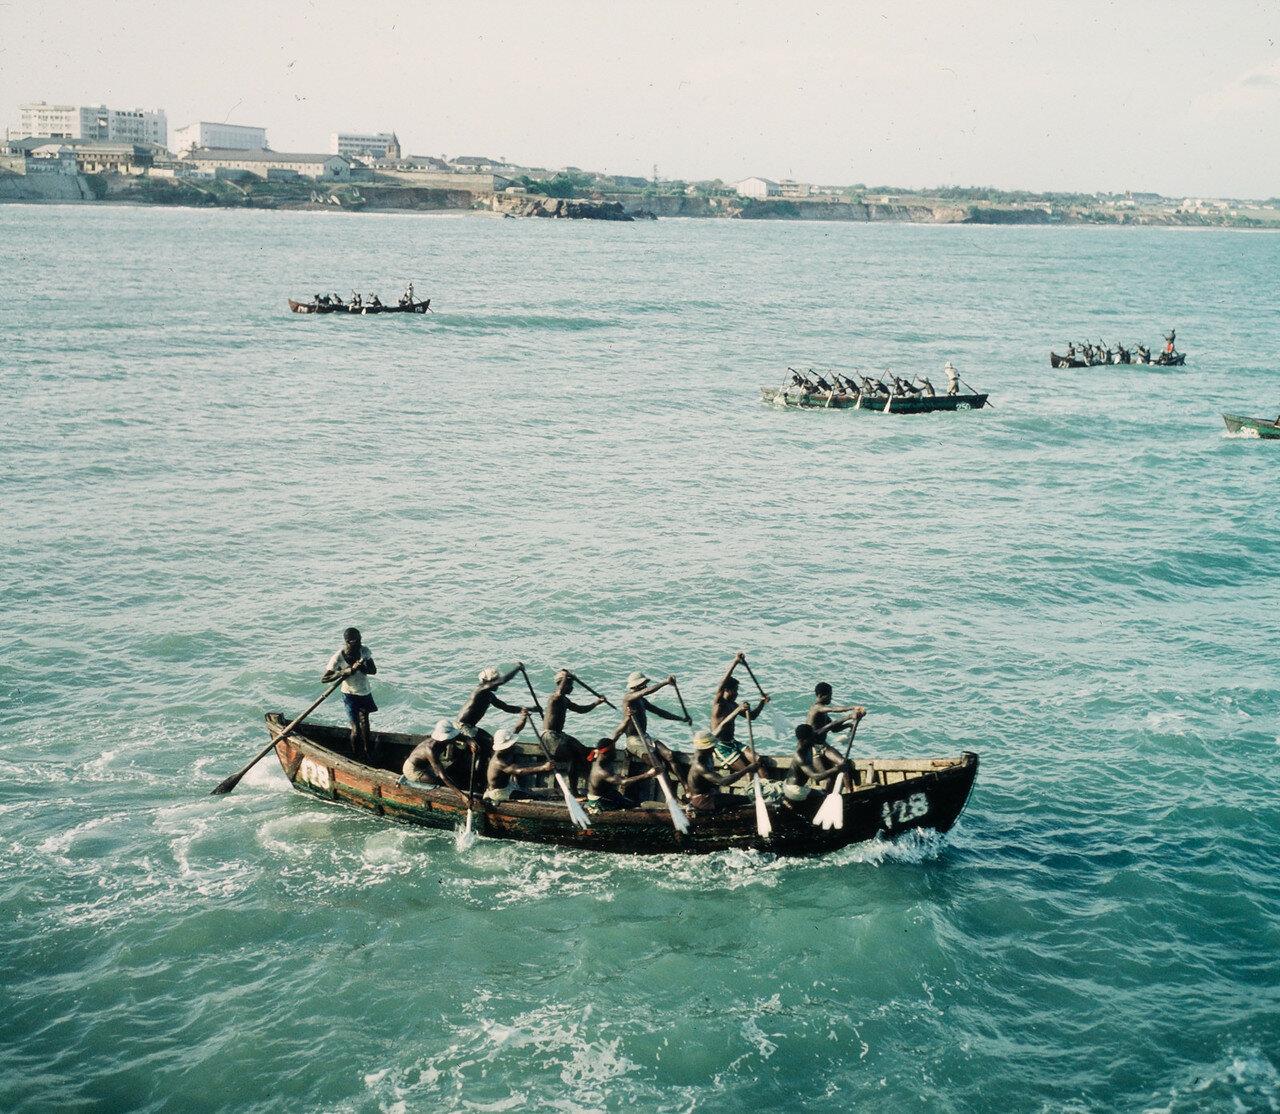 Прибойные шлюпки направляются к грузовым суднам для перевозки грузов на берег, 20 апреля